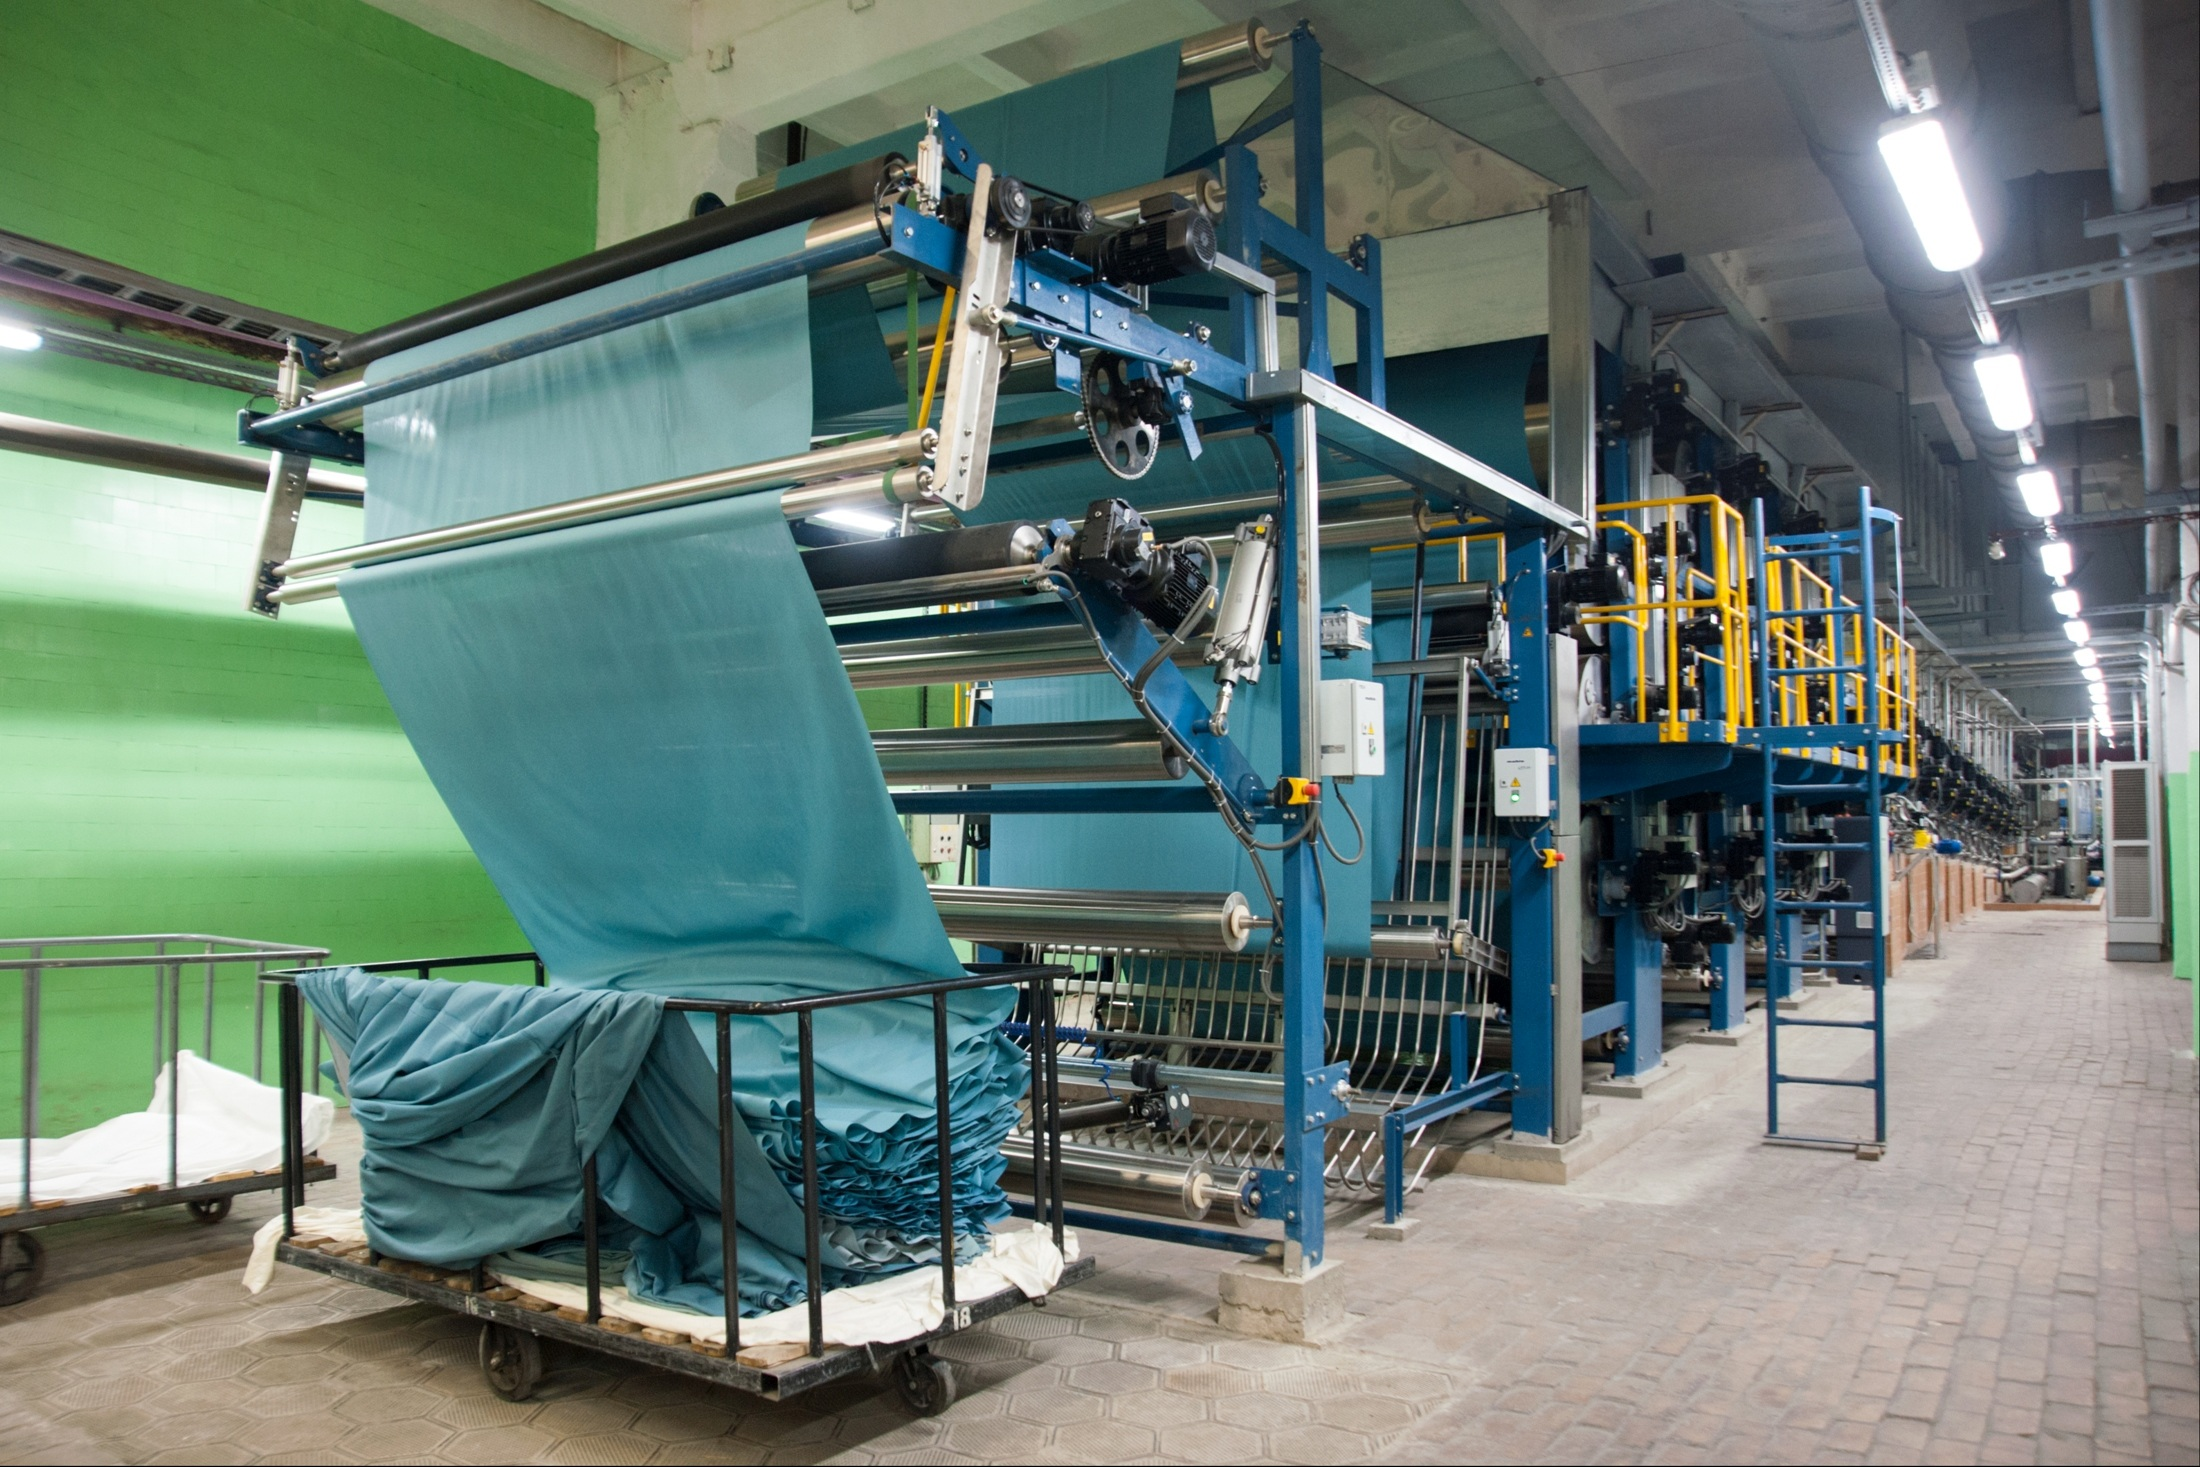 Закупки тканей перемещаются из Индии в Китай